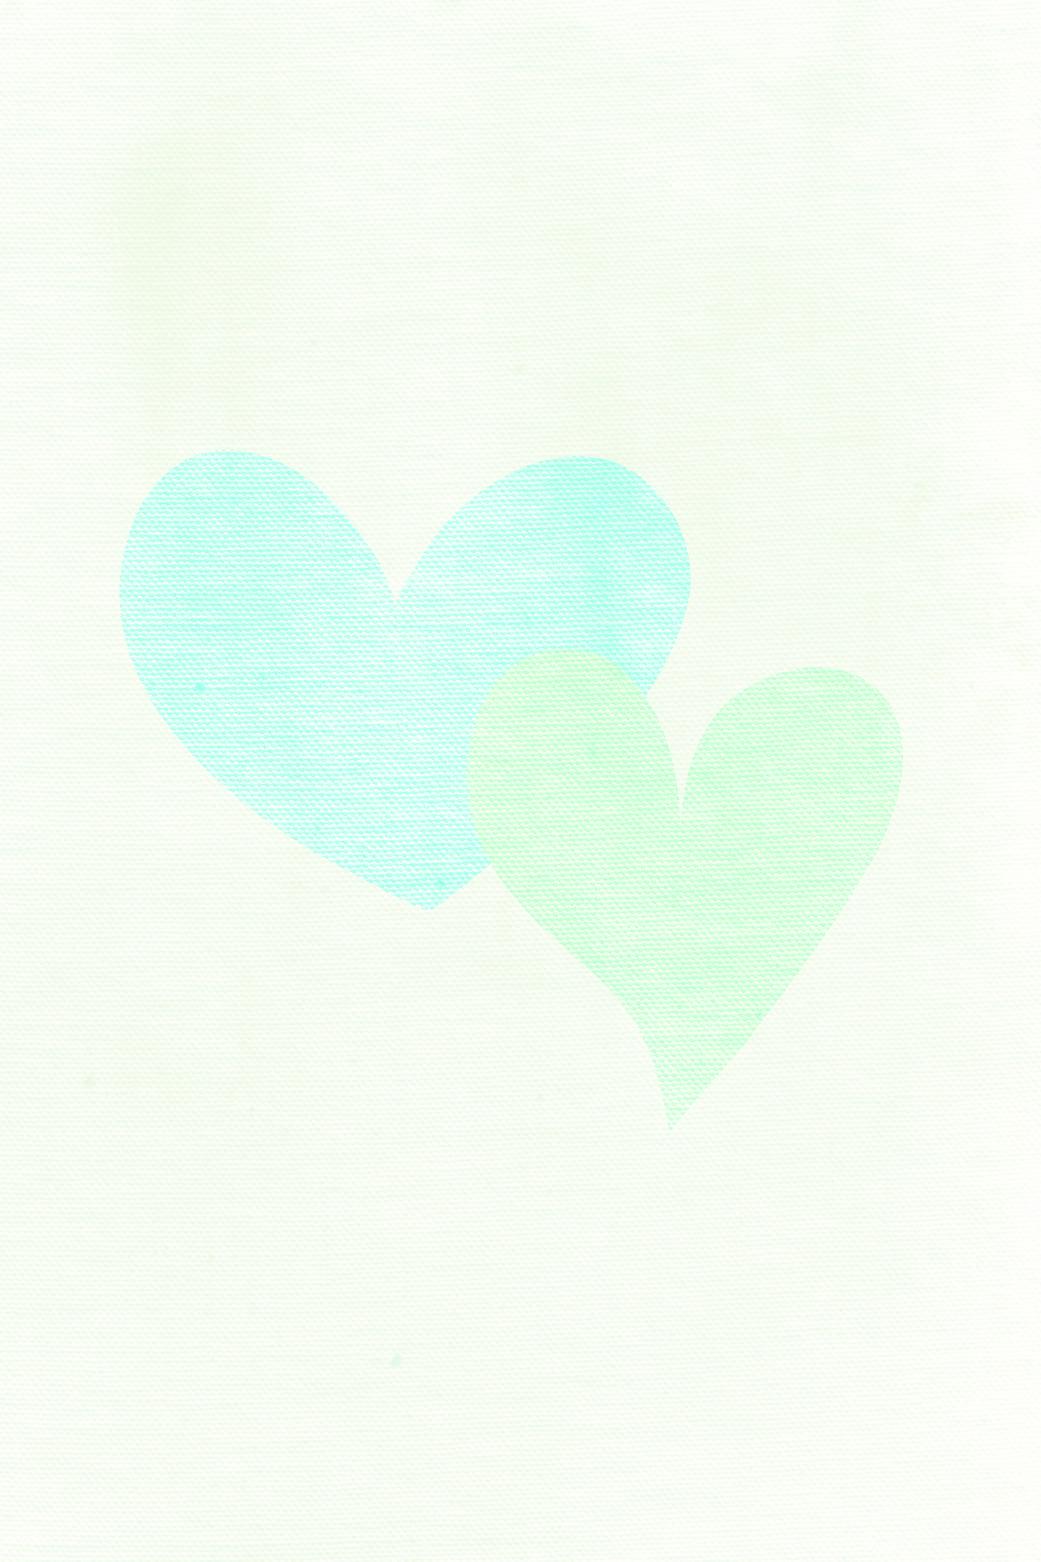 Cream Mint aqua fabric texture hearts iphone wallpaper